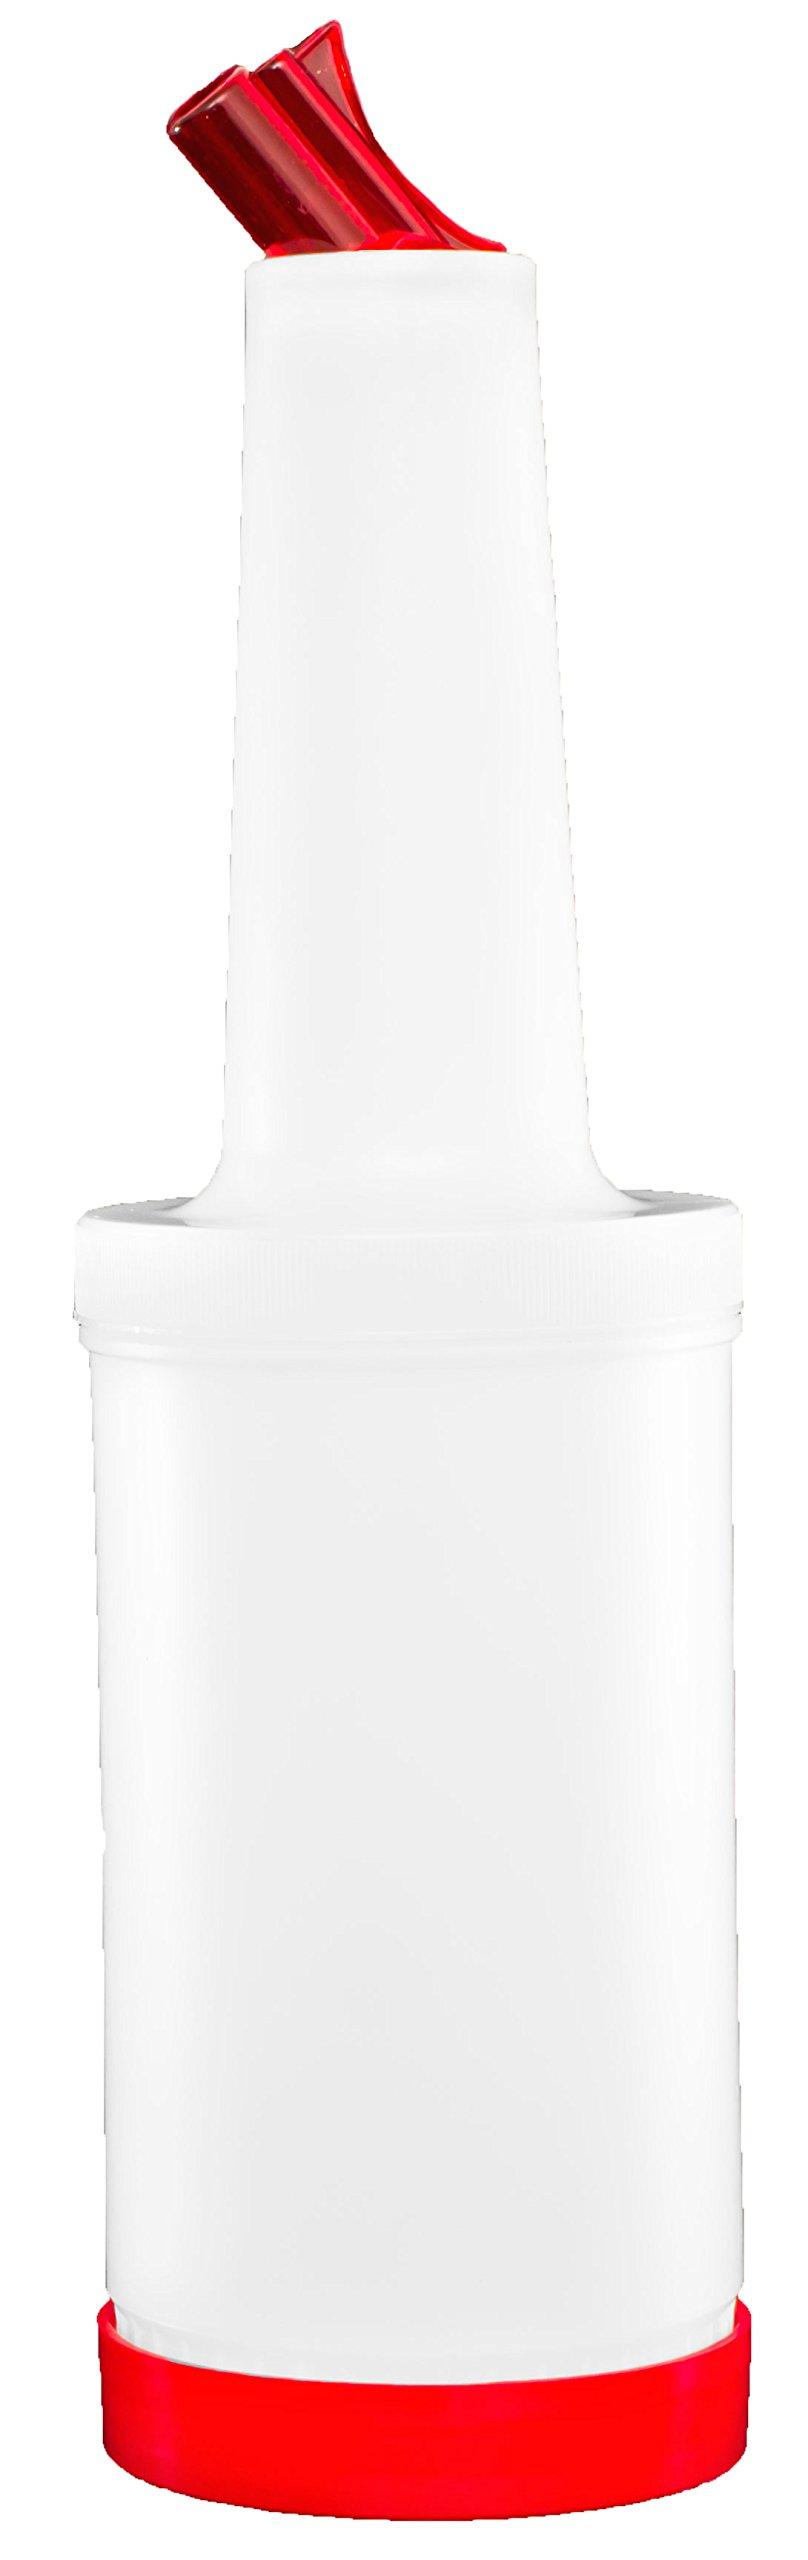 Mr. Tonic - 1 qt. Plastic Bar Pour Bottle w/Red Spout